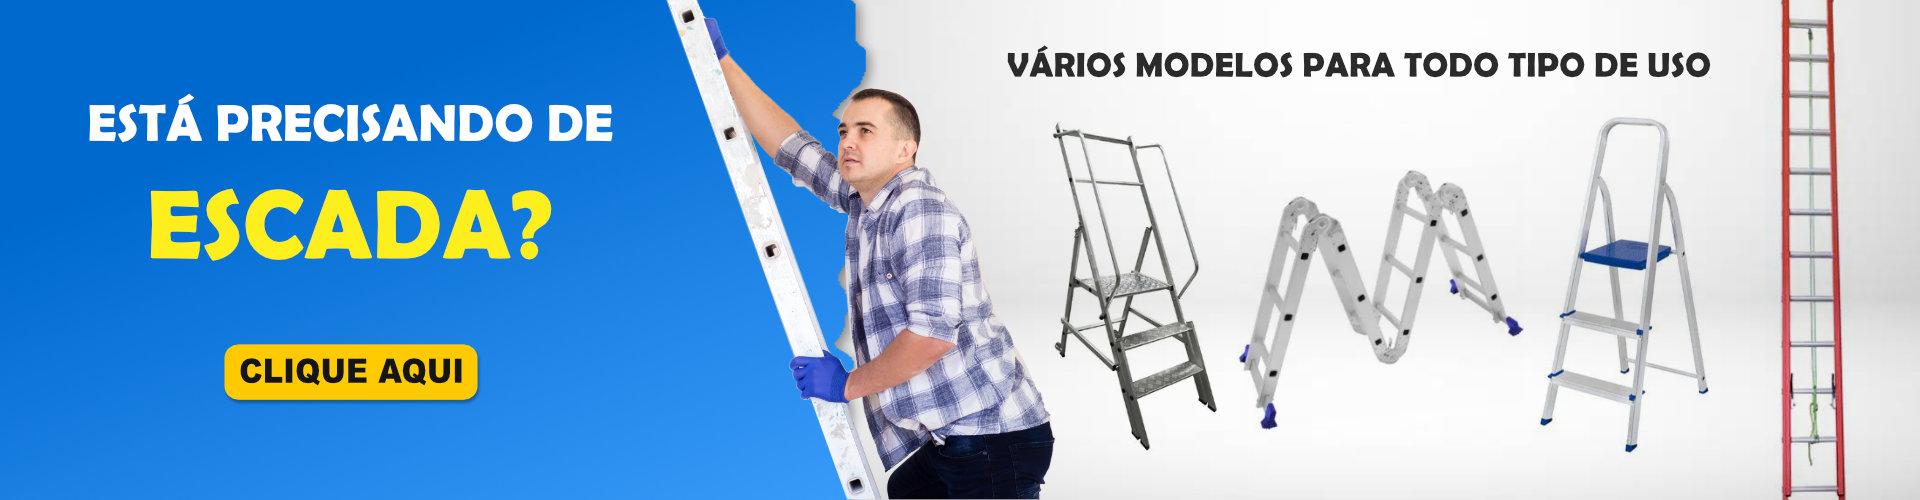 categoria de escadas - escadas para todo tipo de uso